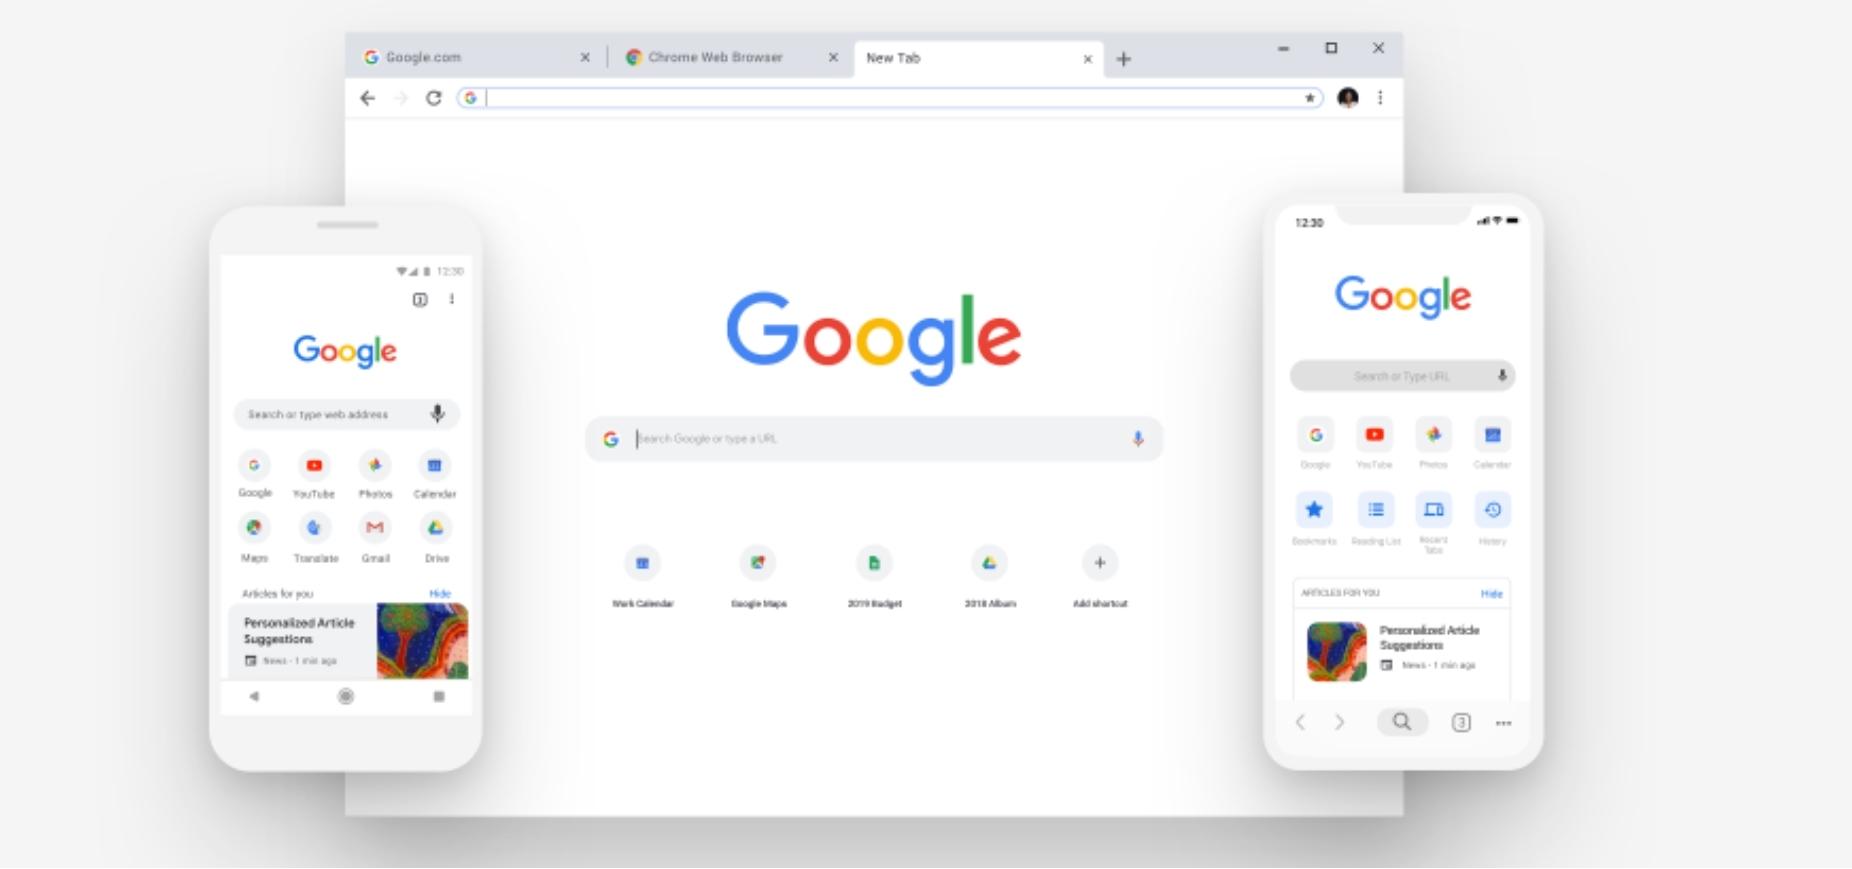 Chrome 69 er jubileums-utgaven og kan lastes ned nå